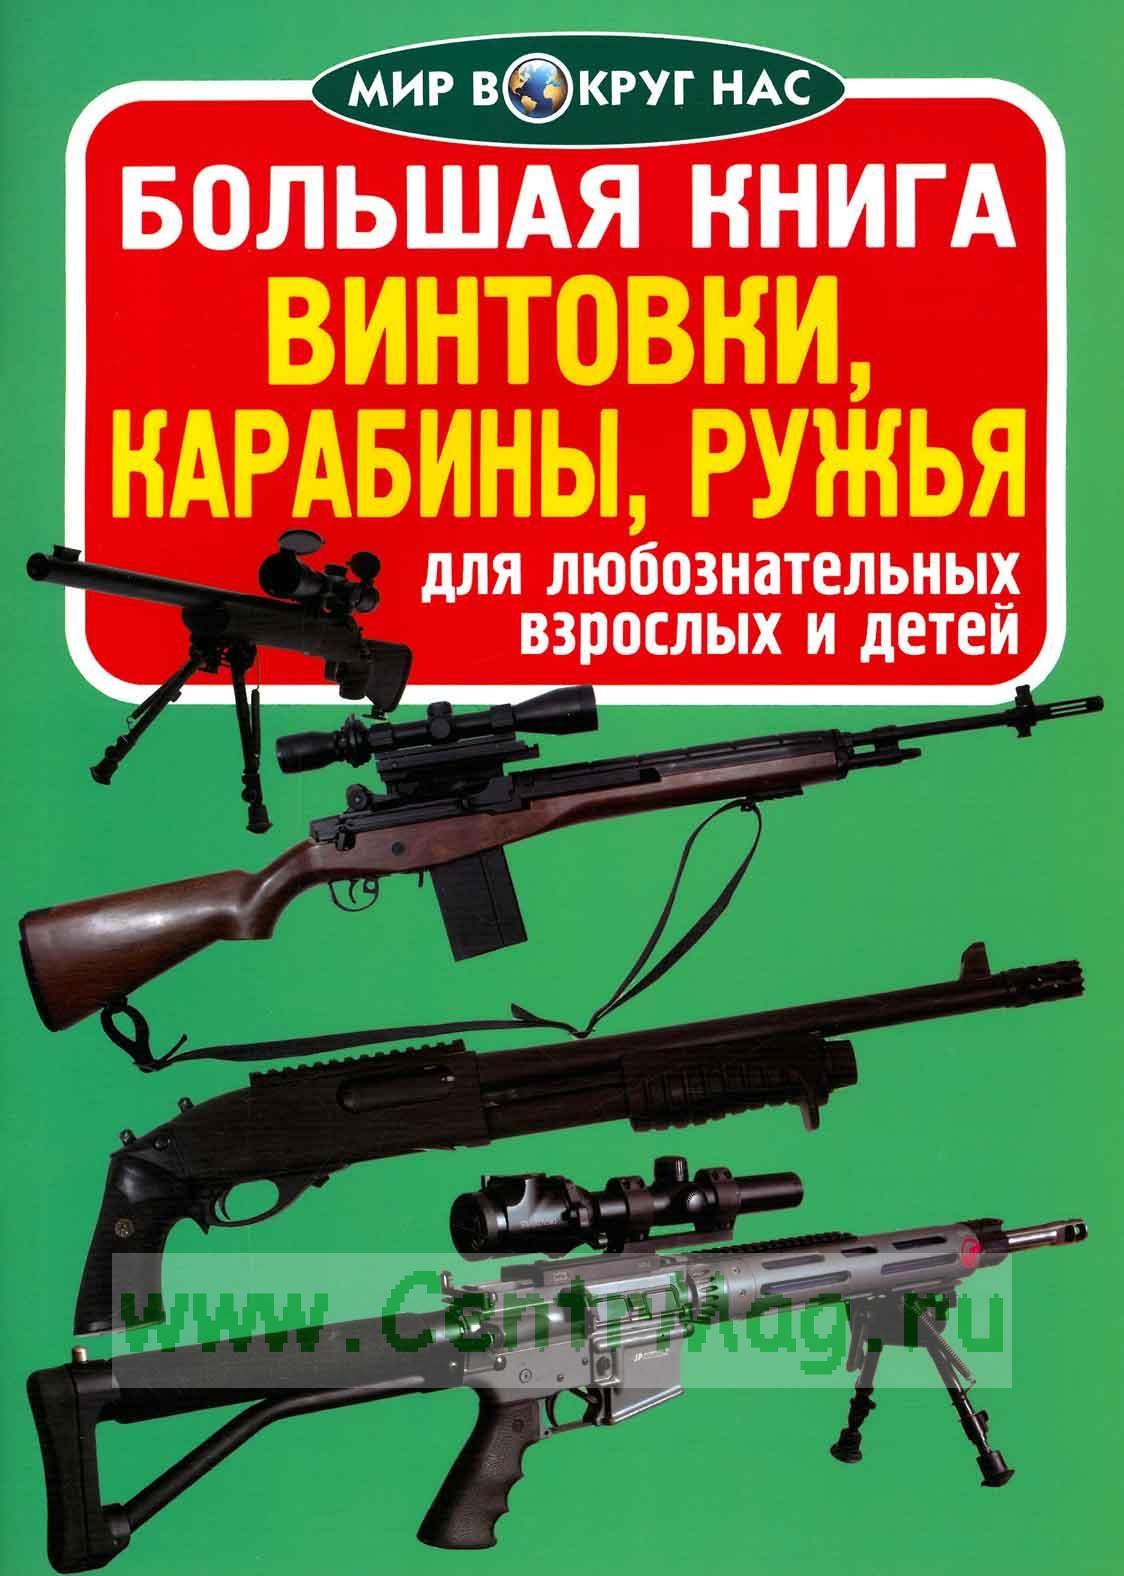 Большая книга. Винтовки, карабины, ружья (для любознательных взрослых и детей)